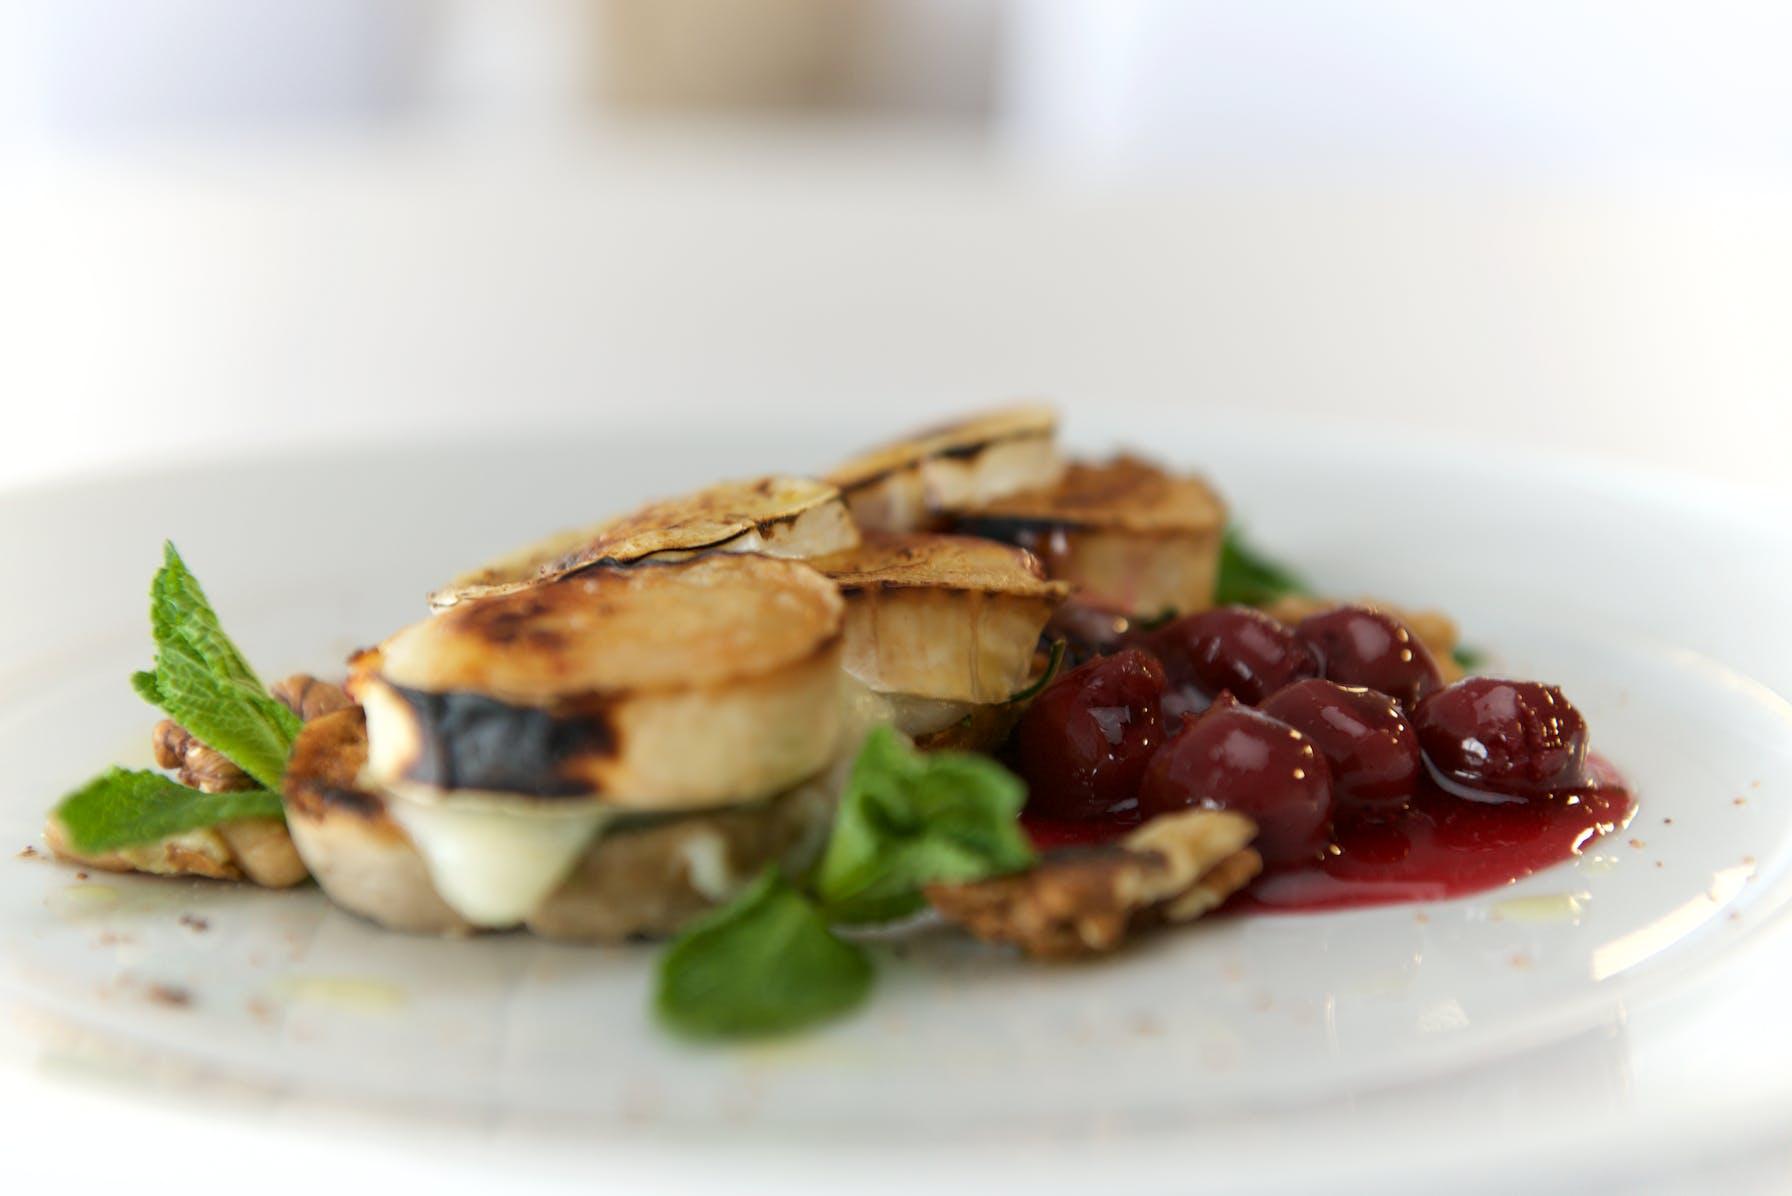 close -up, cuisine, delicious